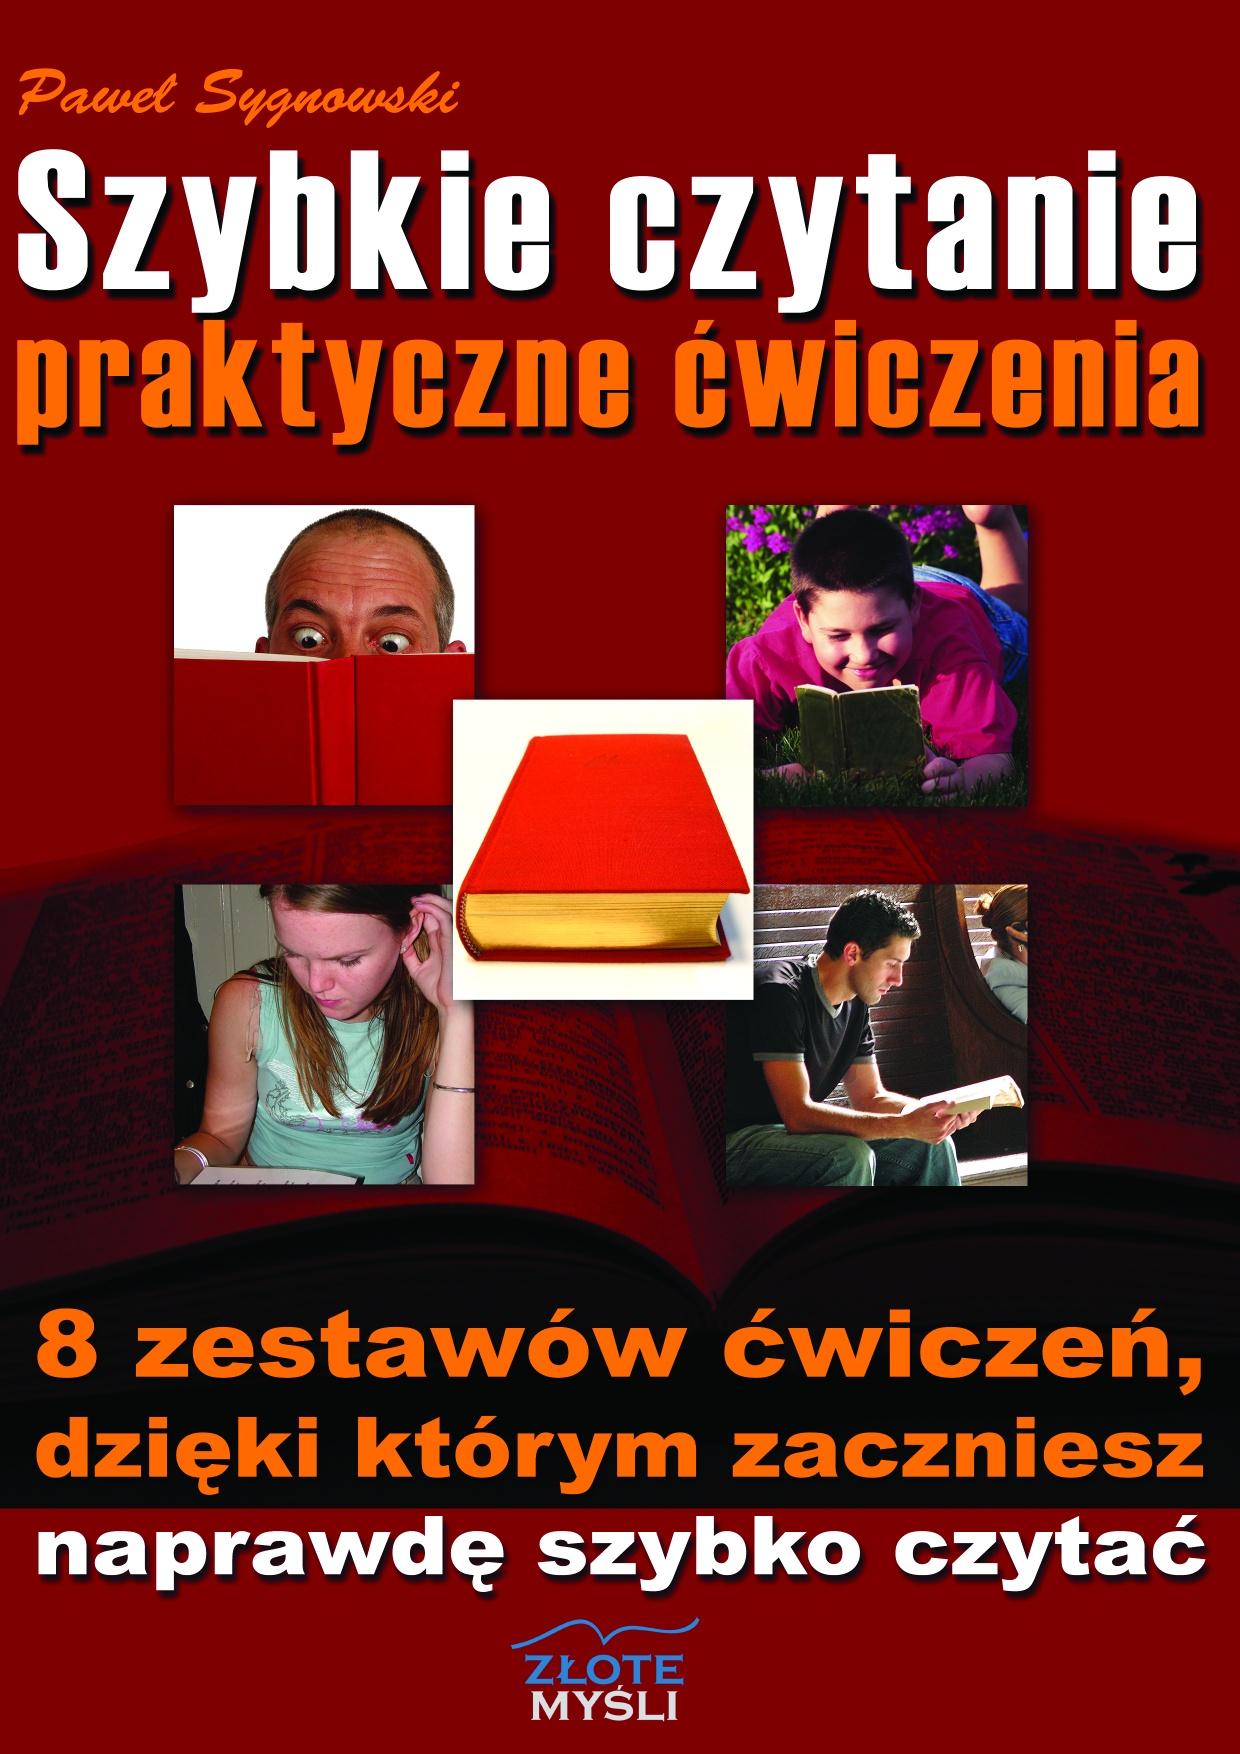 Paweł Sygnowski: Szybkie czytanie - praktyczne ćwiczenia - okładka